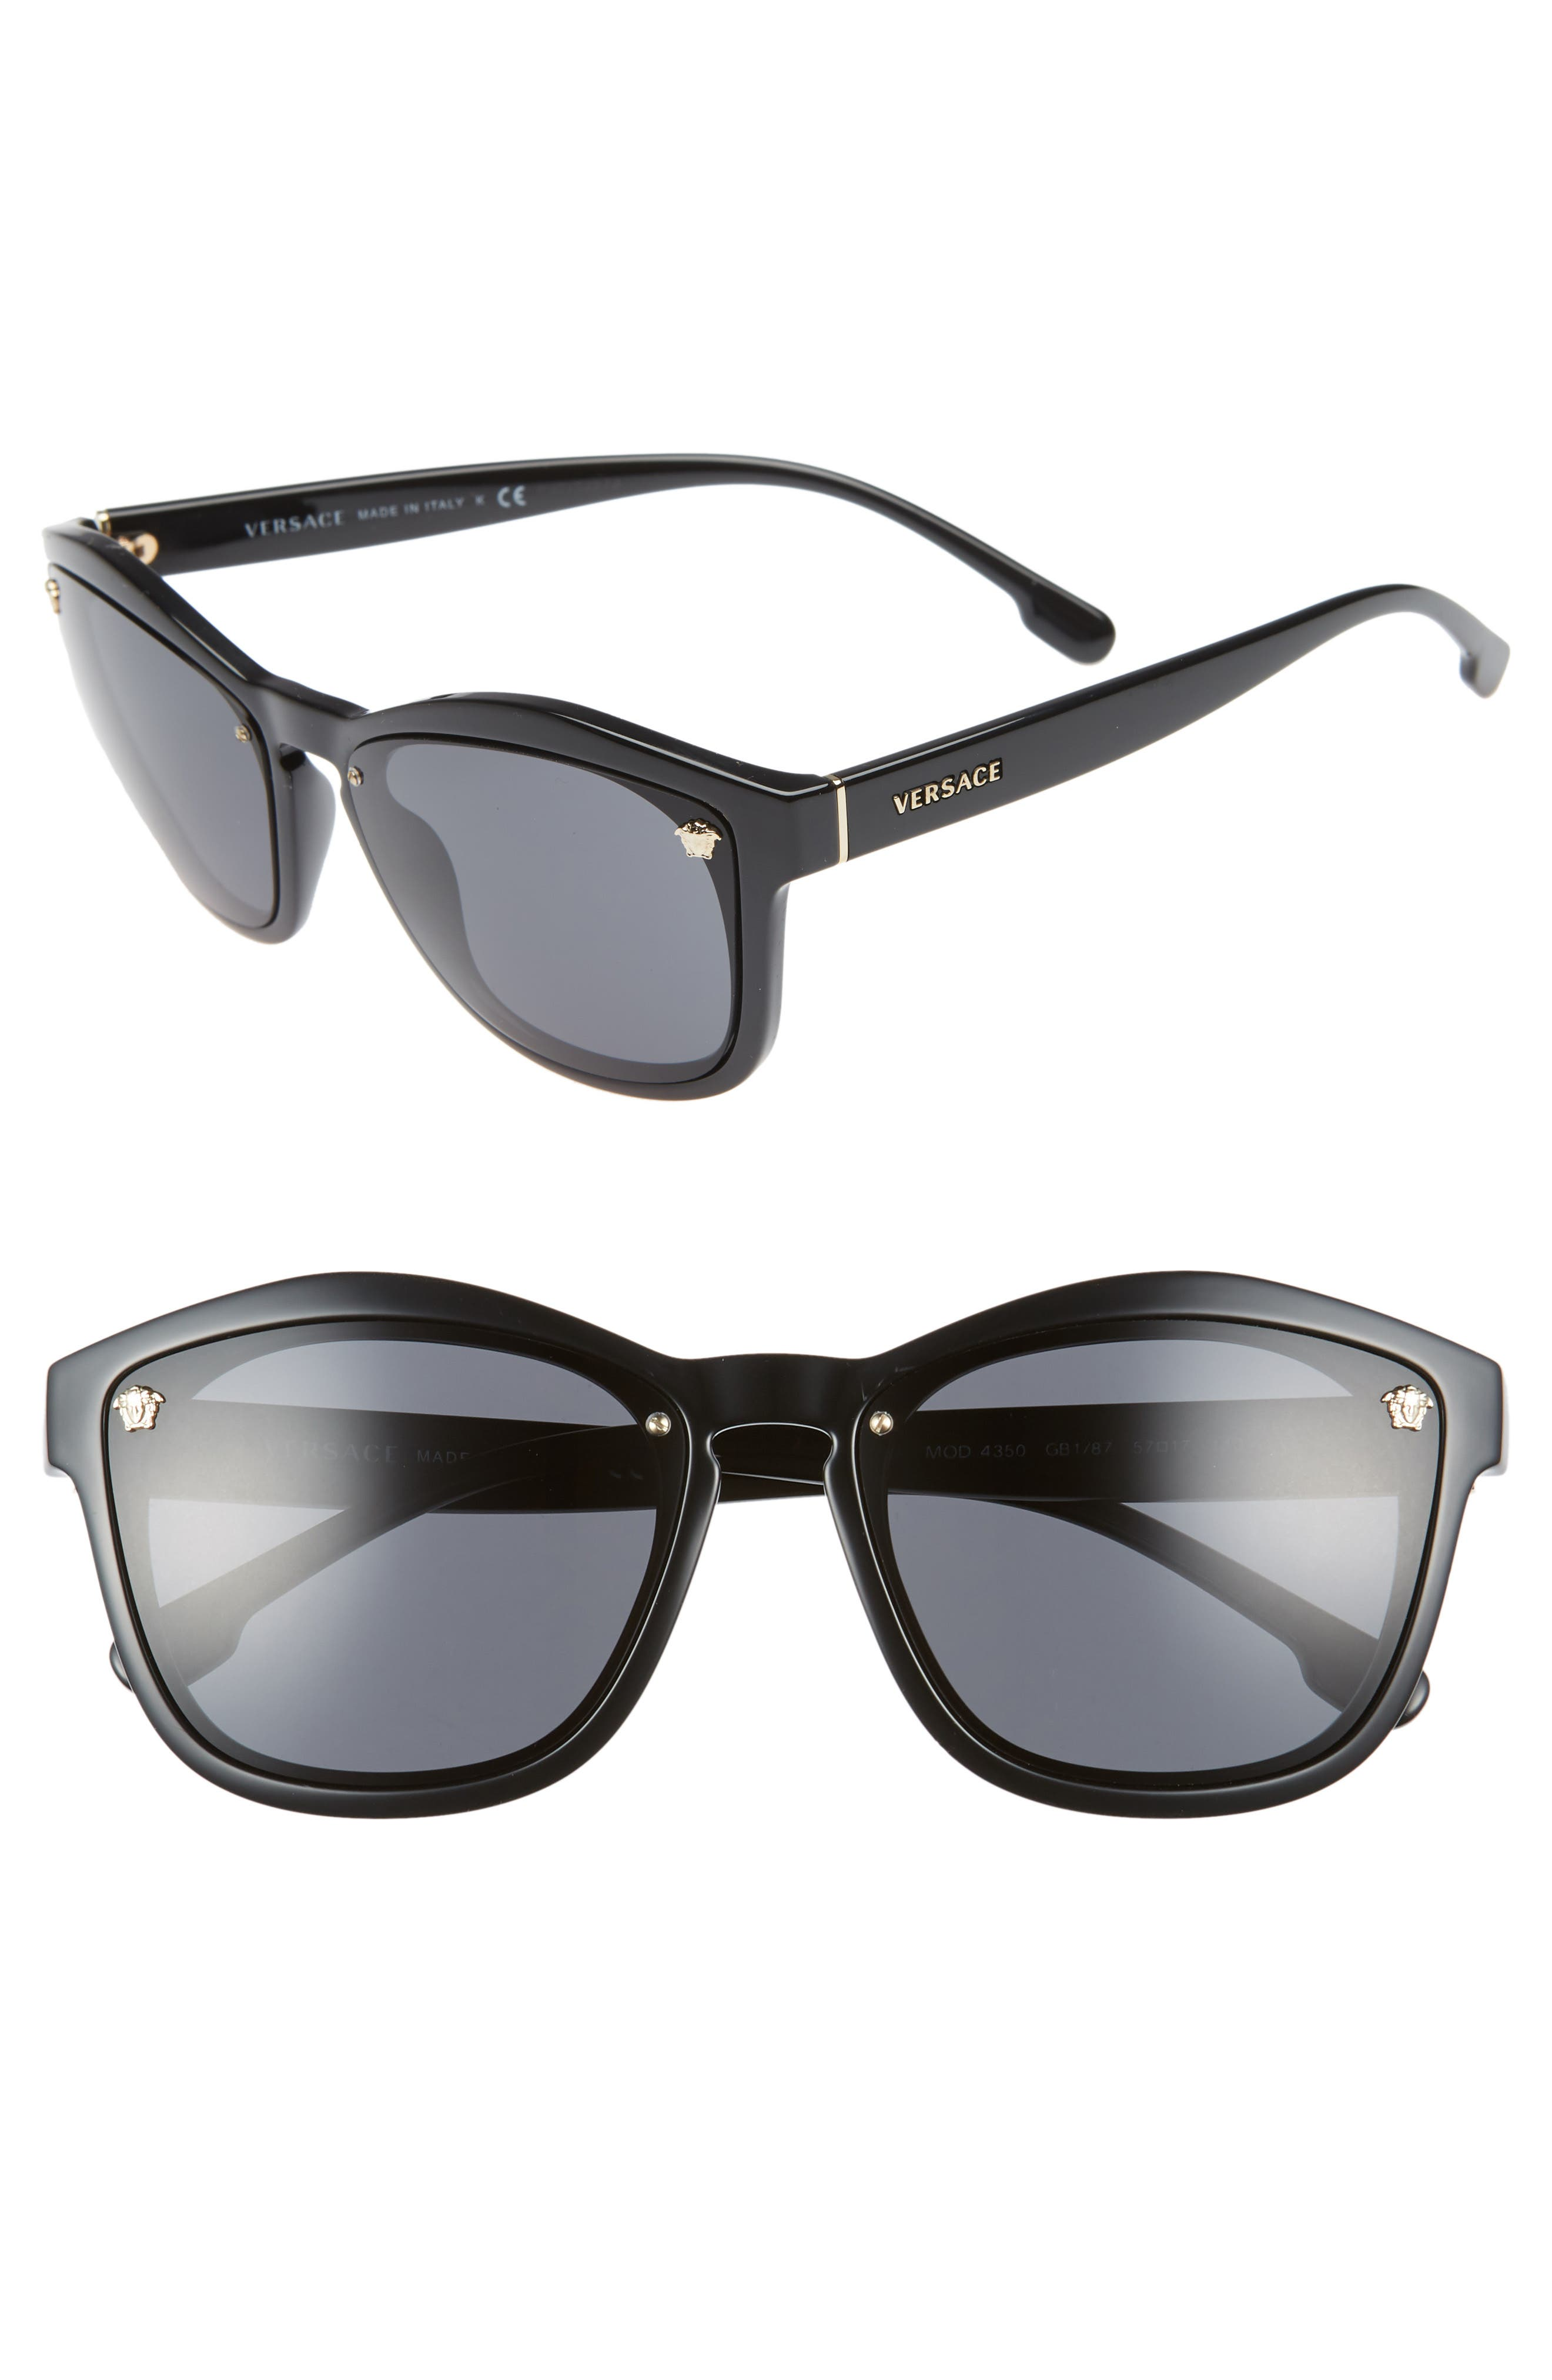 Medusa 57mm Square Sunglasses,                             Main thumbnail 1, color,                             001